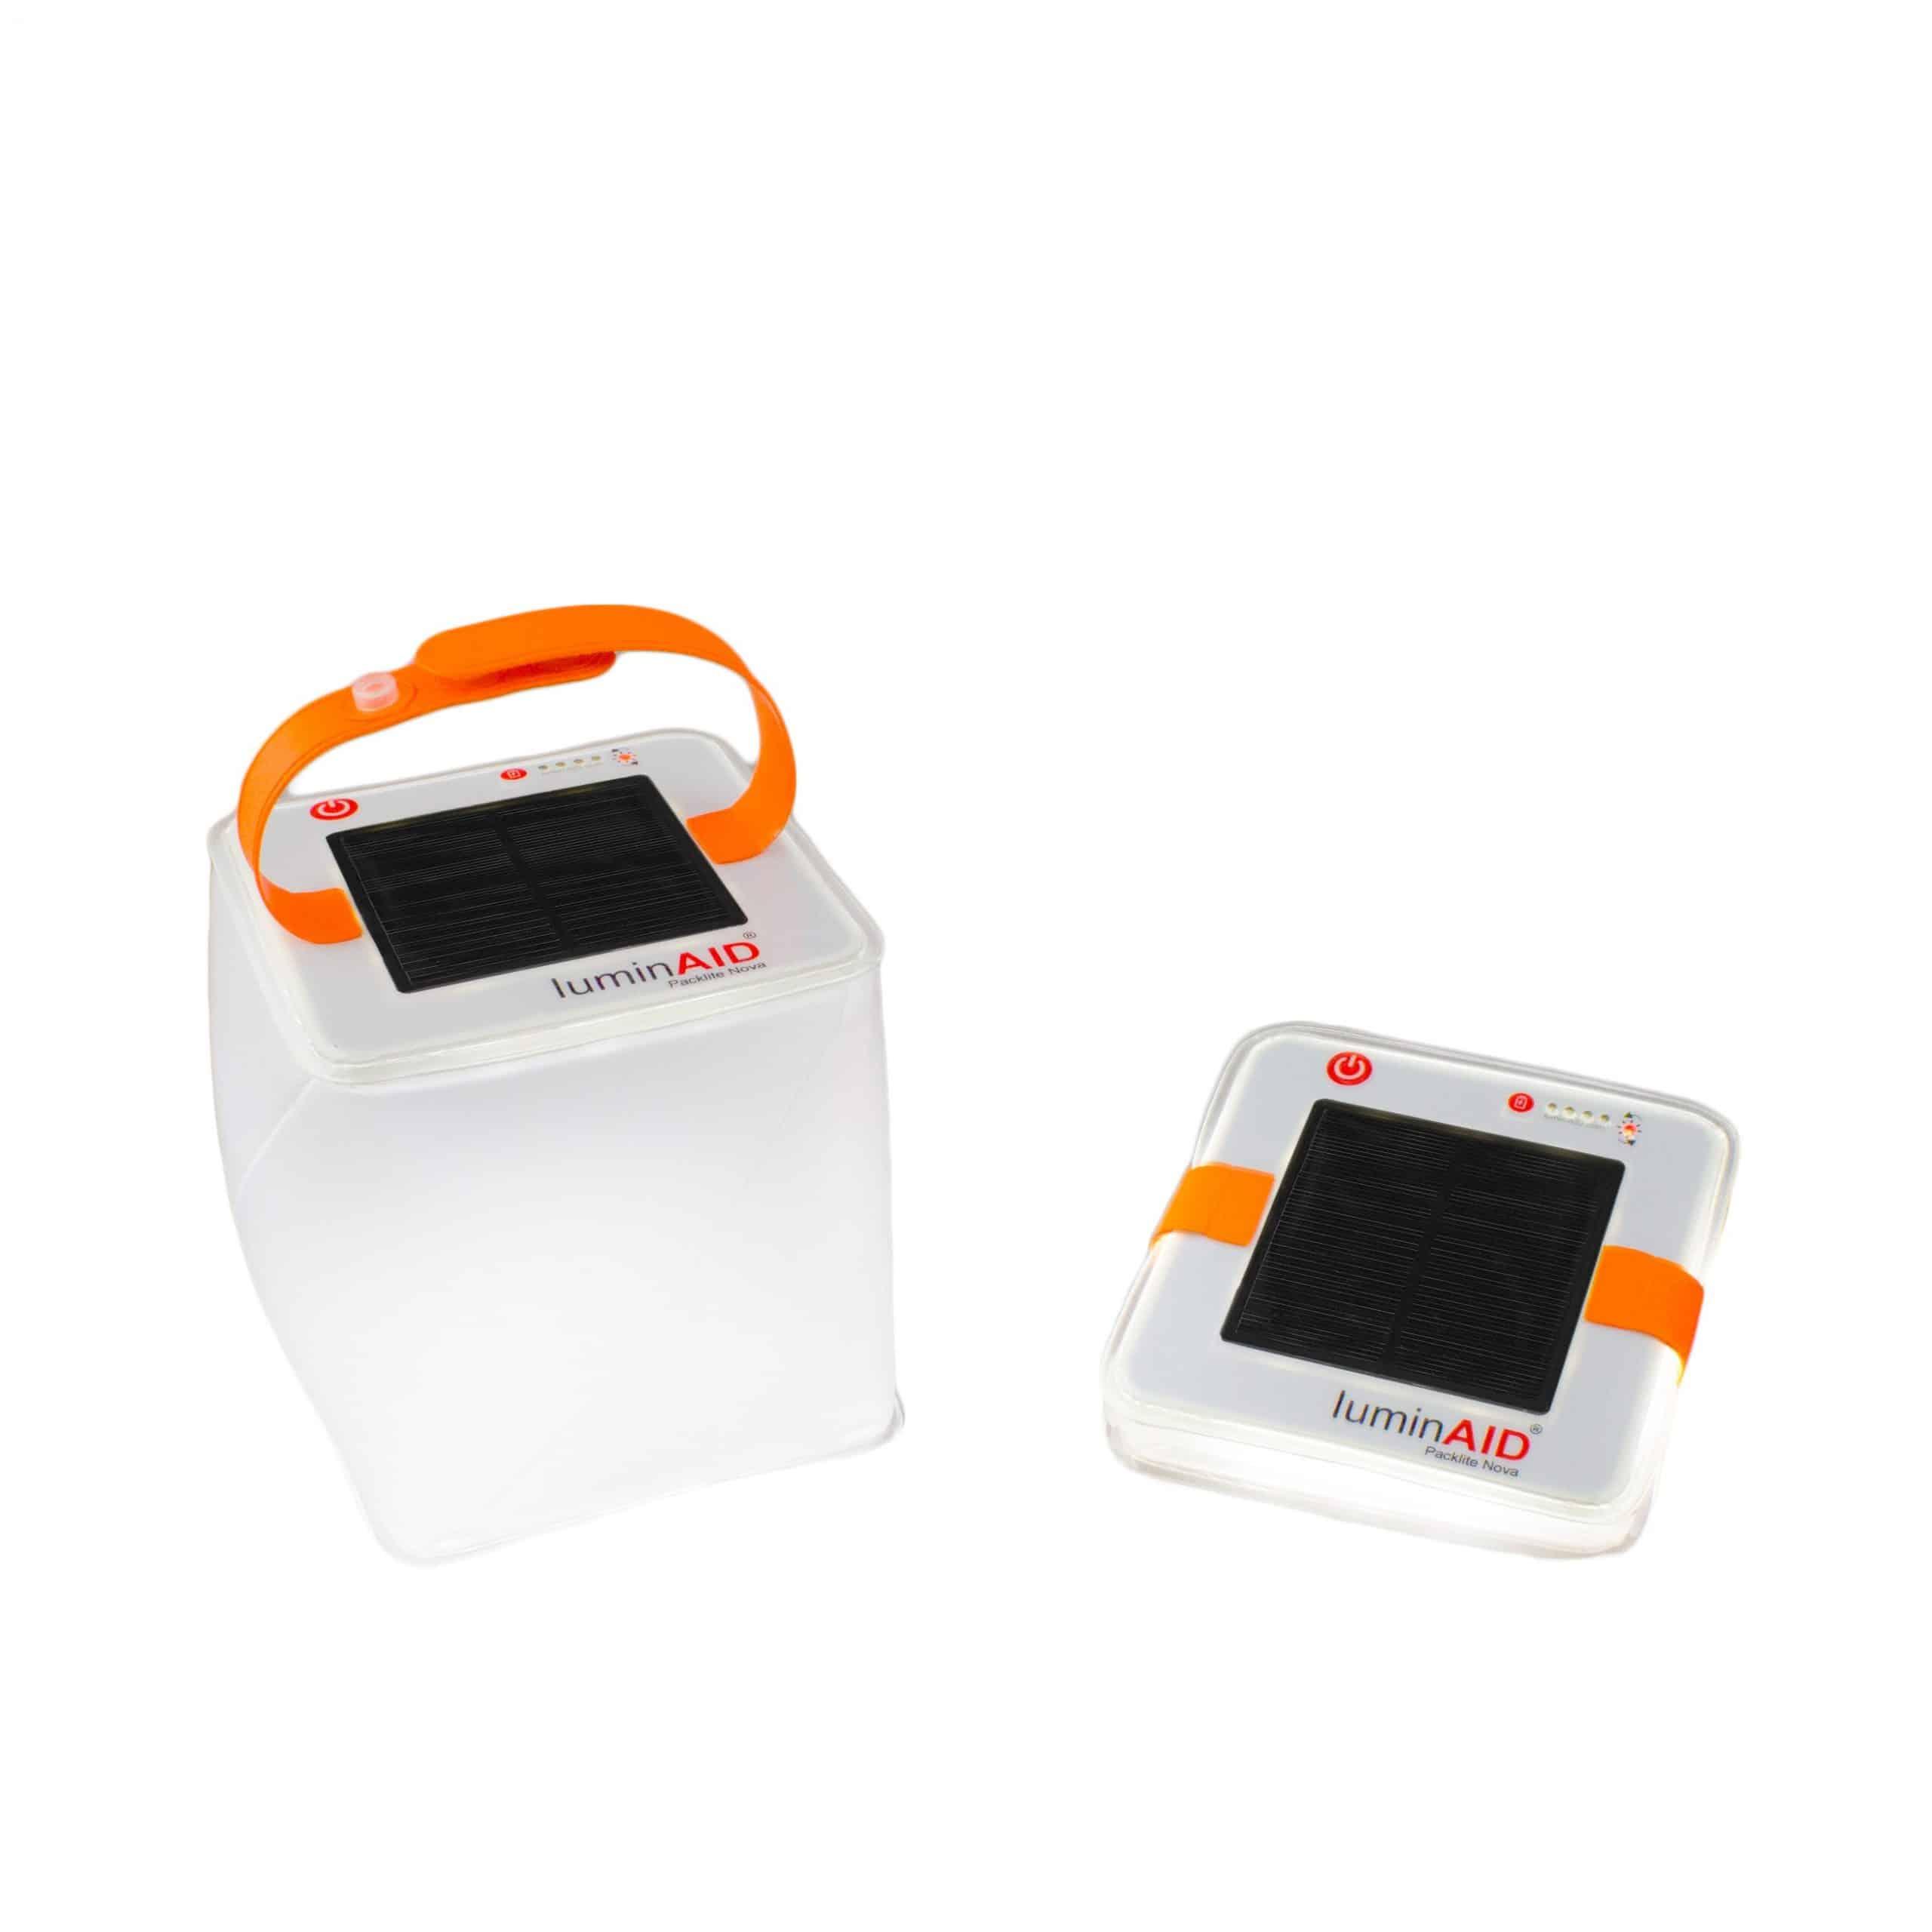 2016_09_12 LuminAID-PackLite-Nova-solar-inflatable-lantern-white